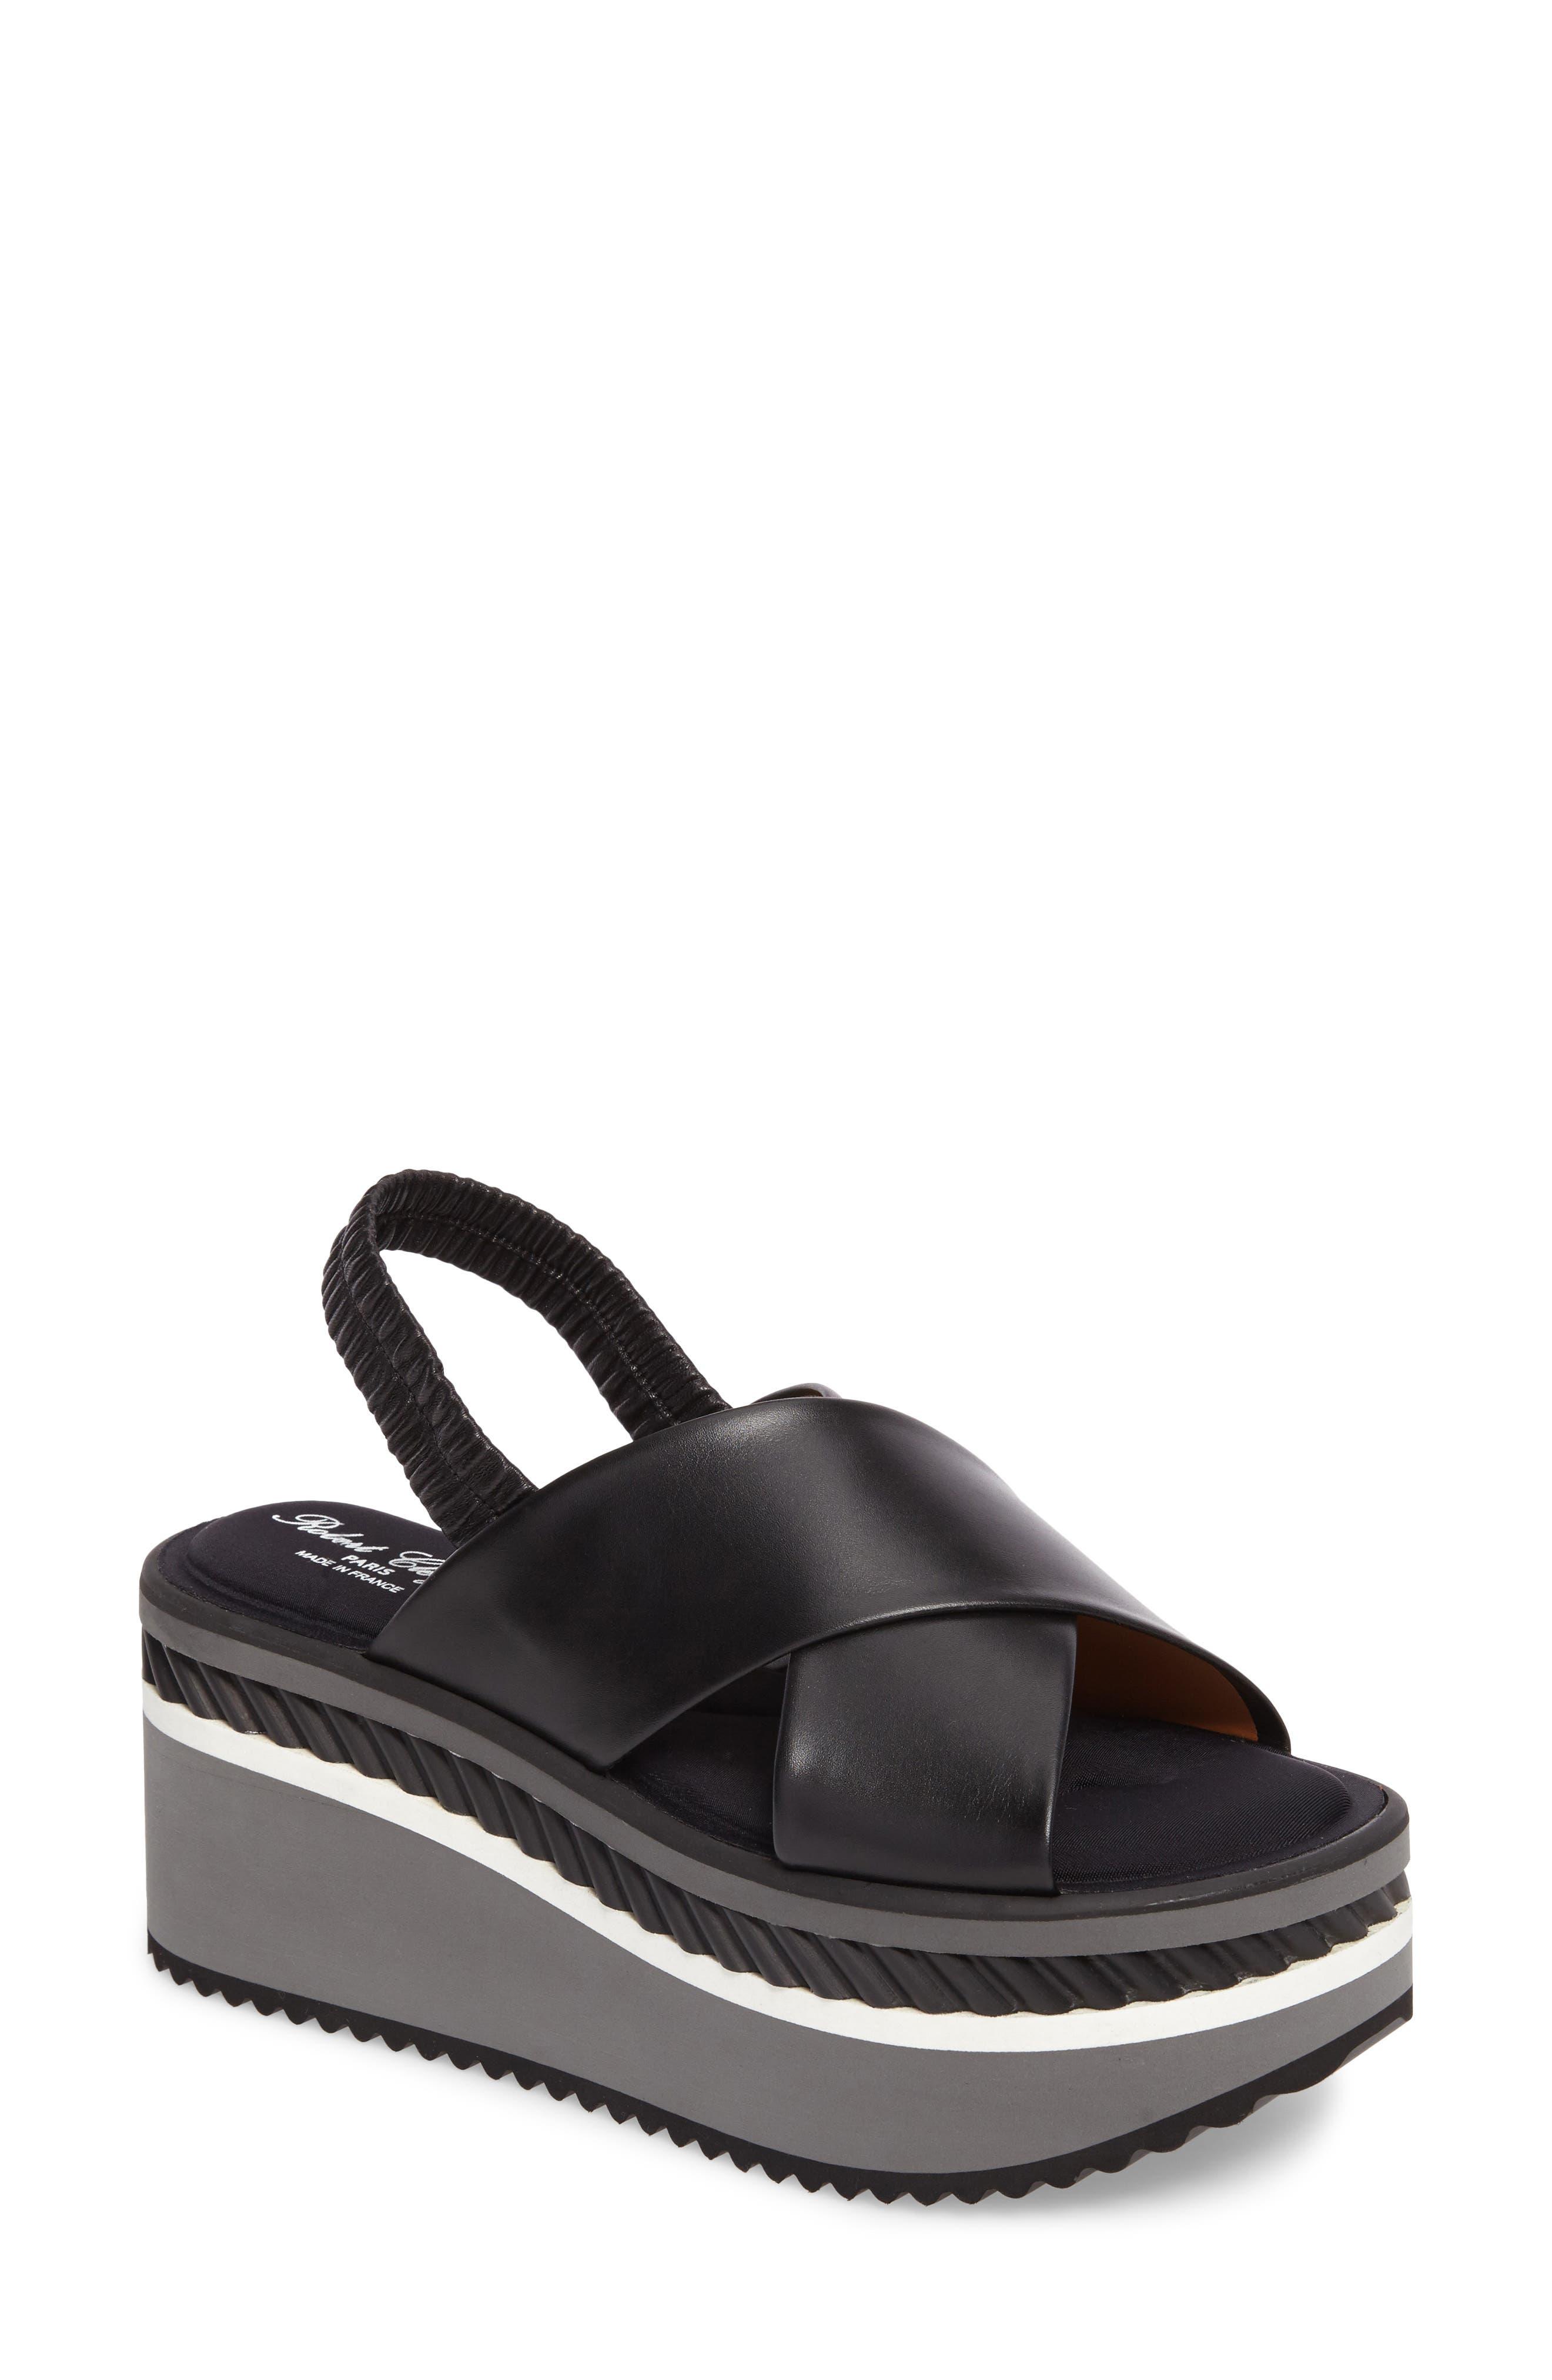 Omin Platform Slingback Sandal,                         Main,                         color, 001